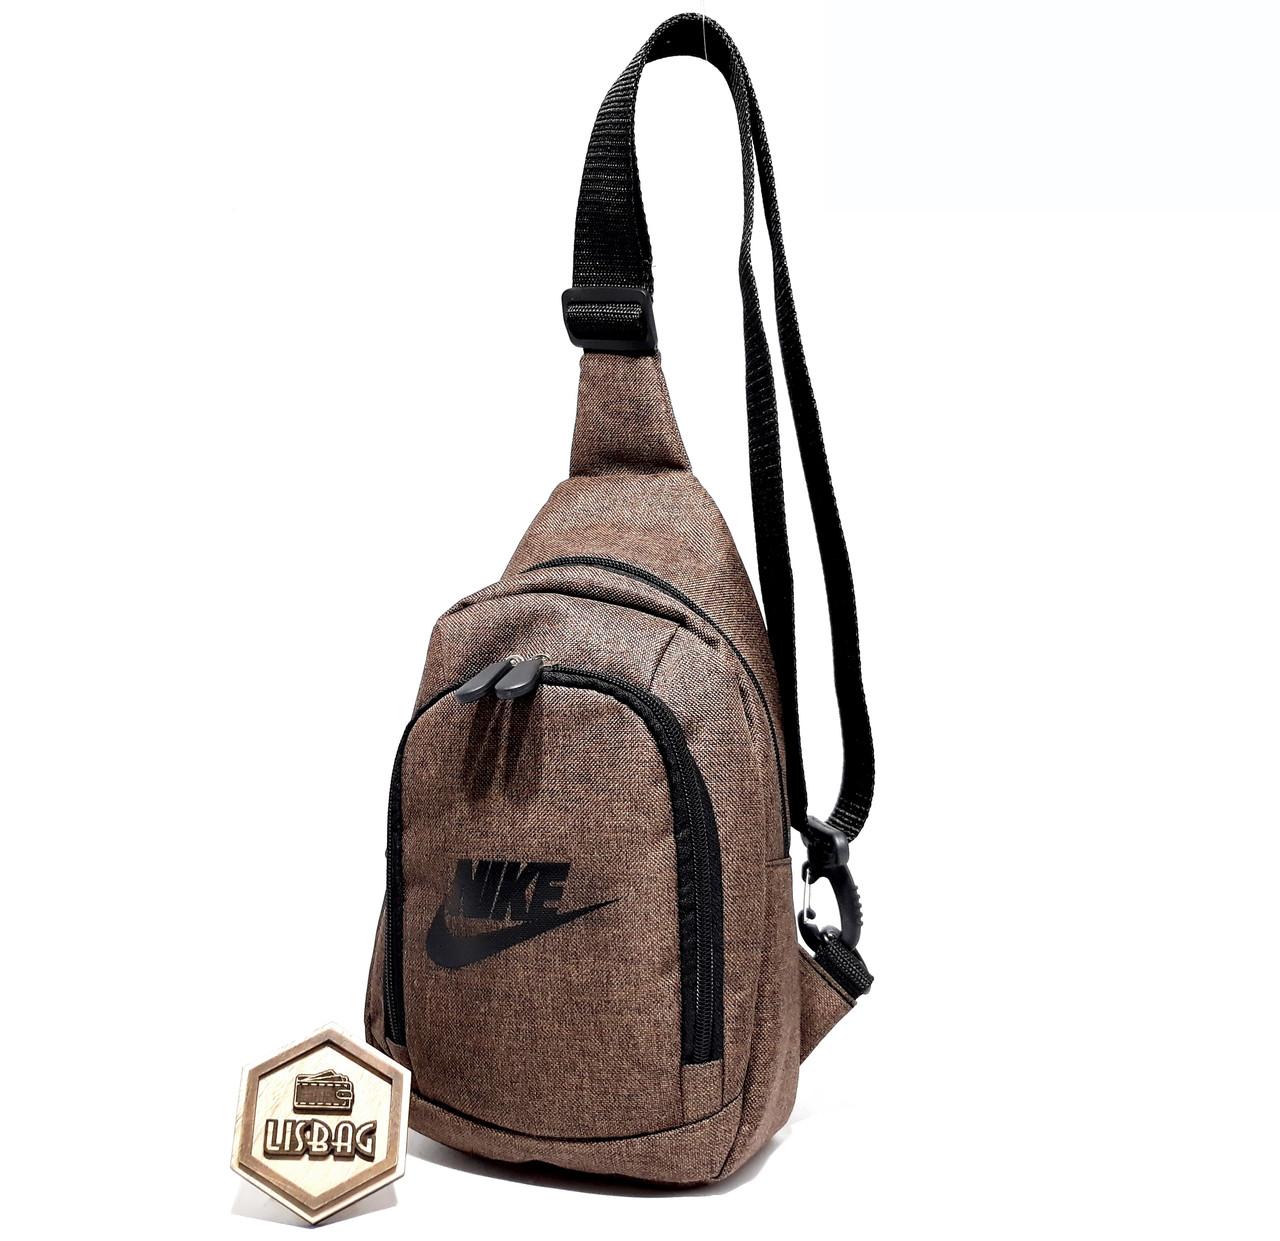 a6bcb18a Мужская сумка слинг на грудь, барсетка из оксфорда Nike реплика люкс  качества , Коричневая